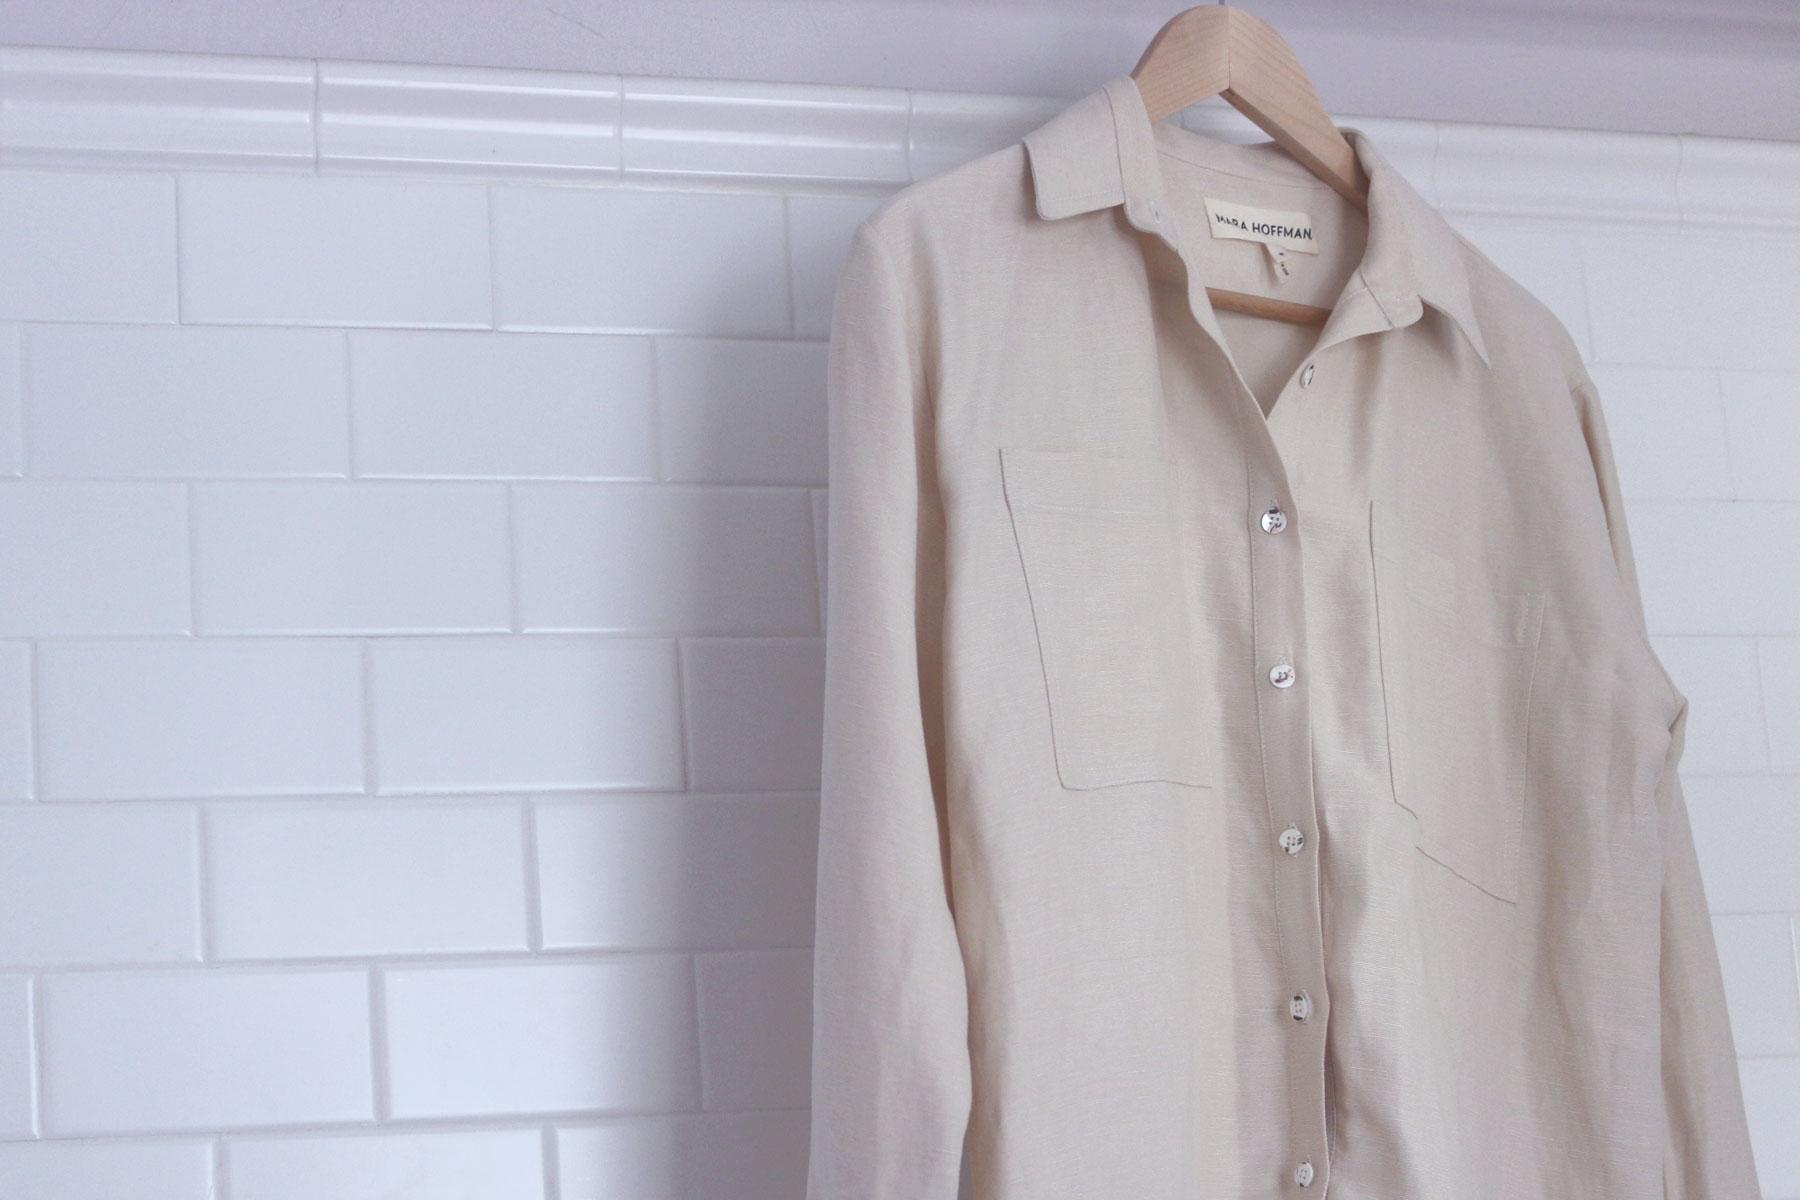 10x10 Wardrobe Challenge